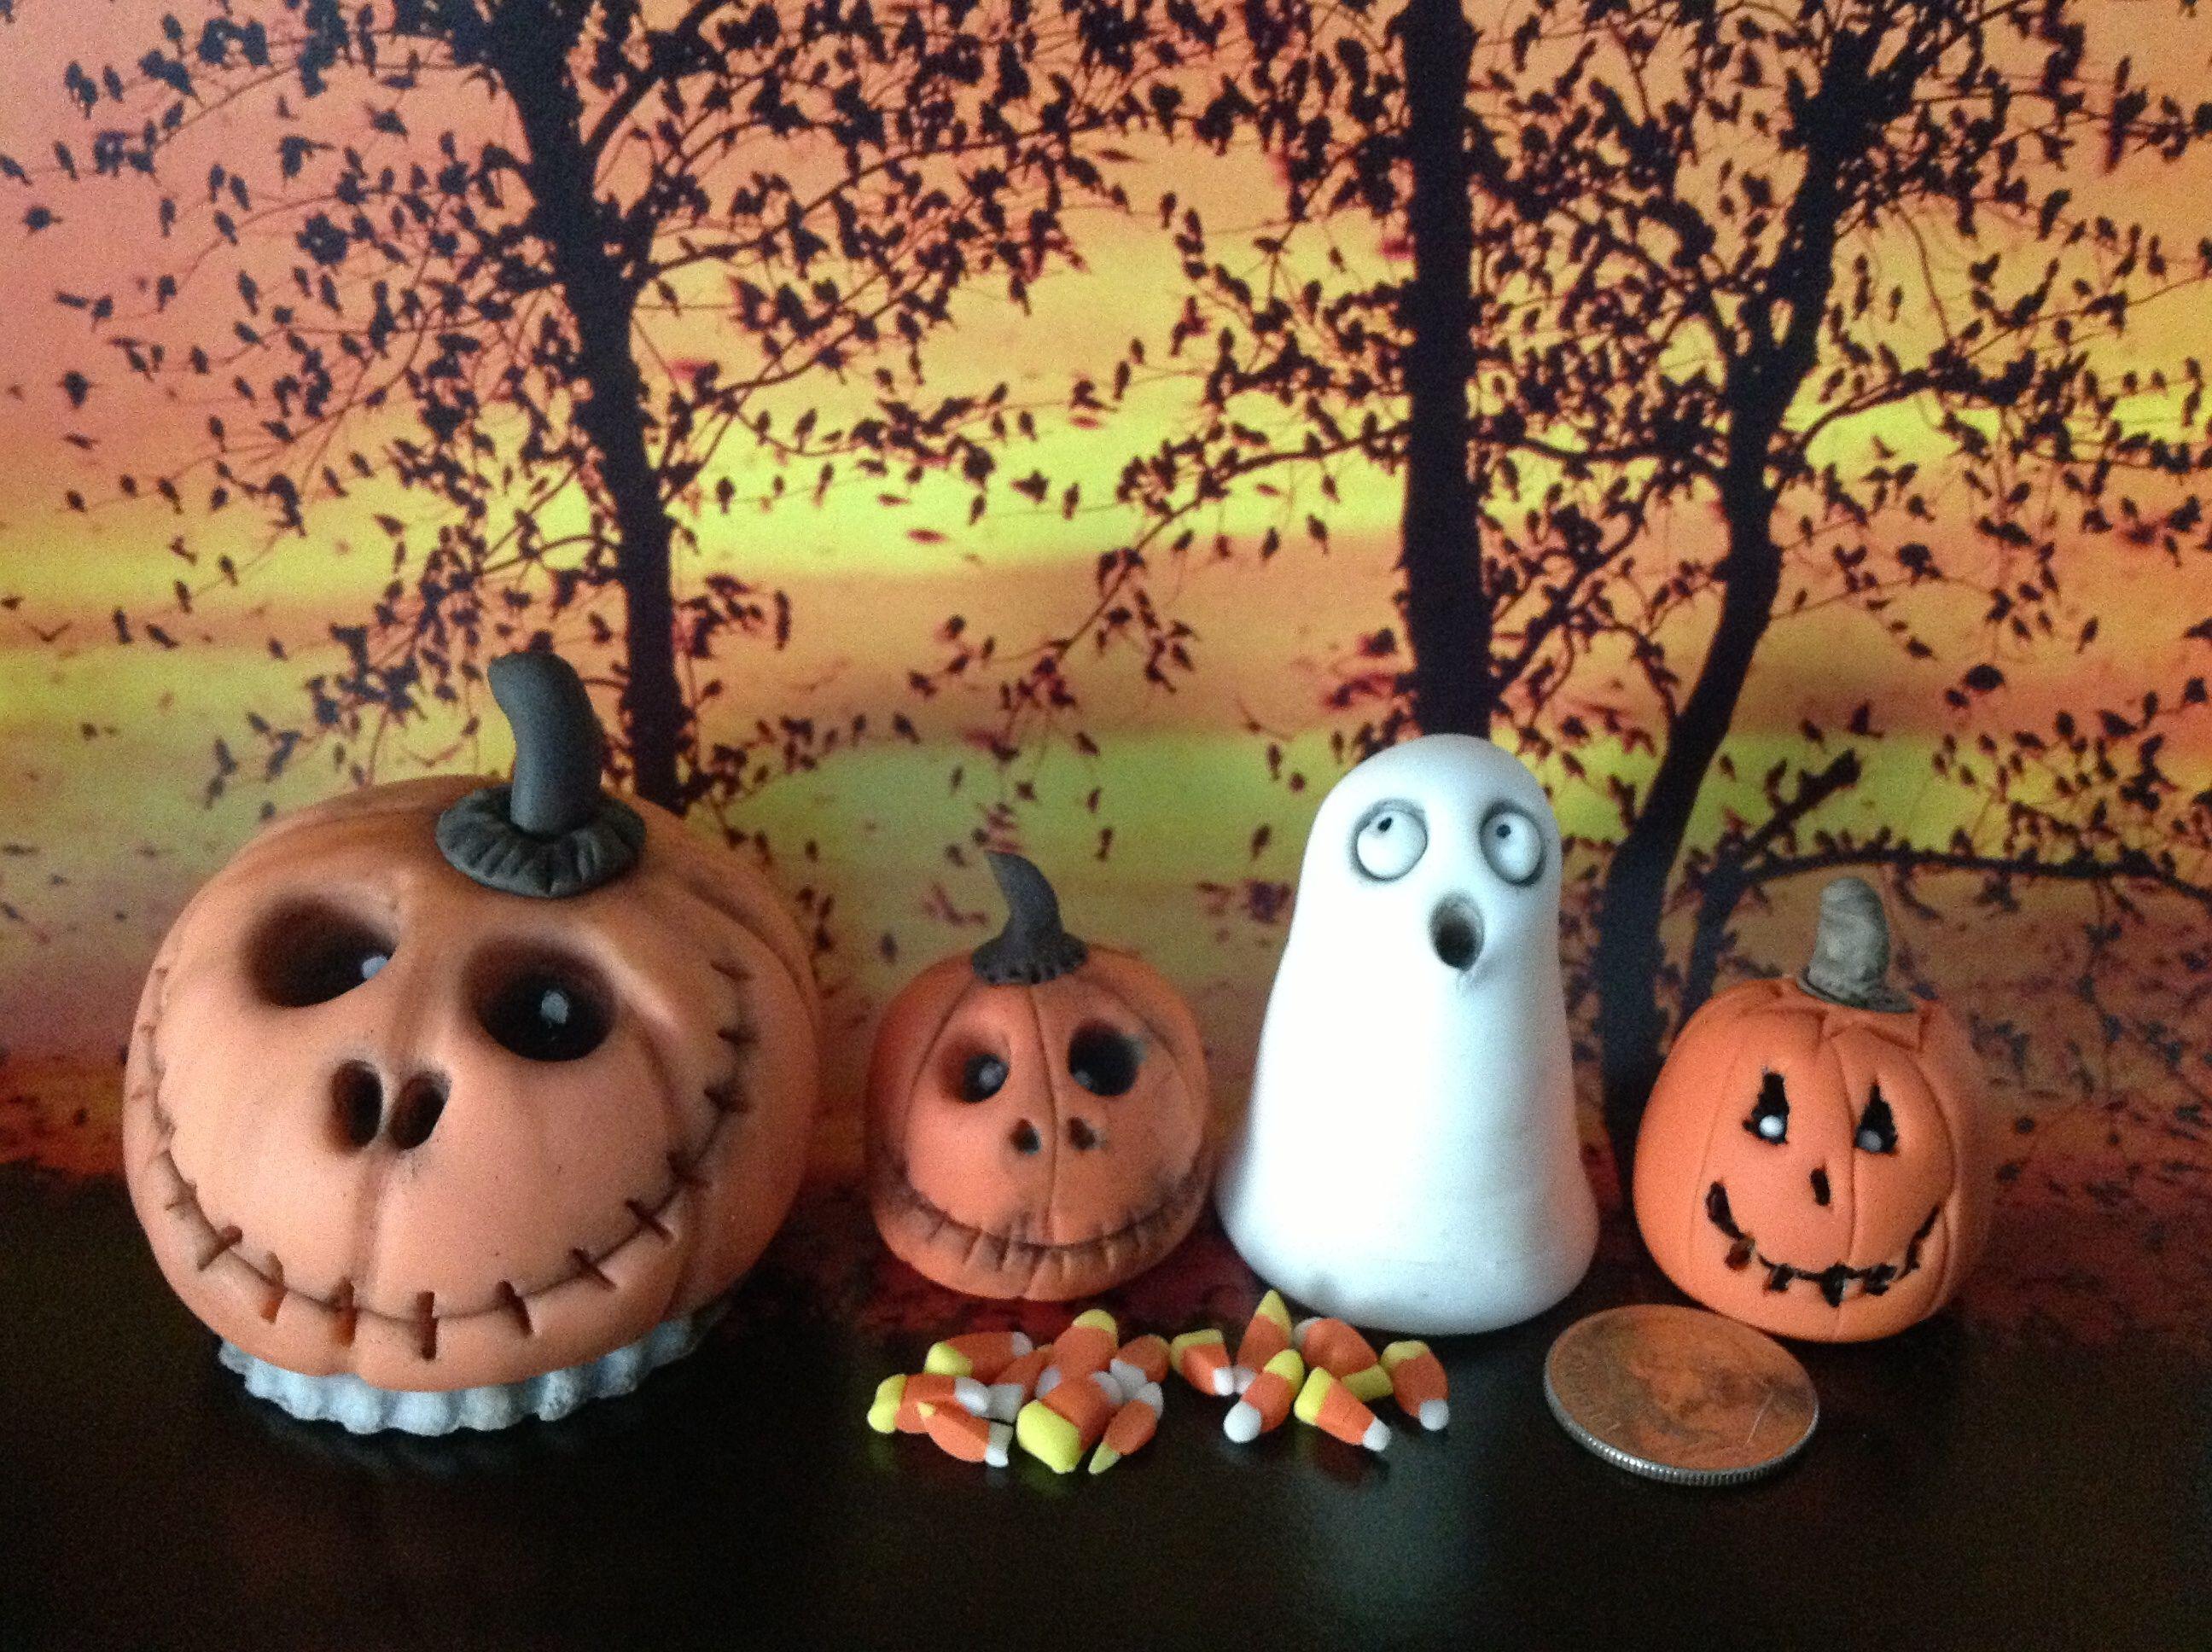 Spooky pumpkins by Sue's Sugar Creations